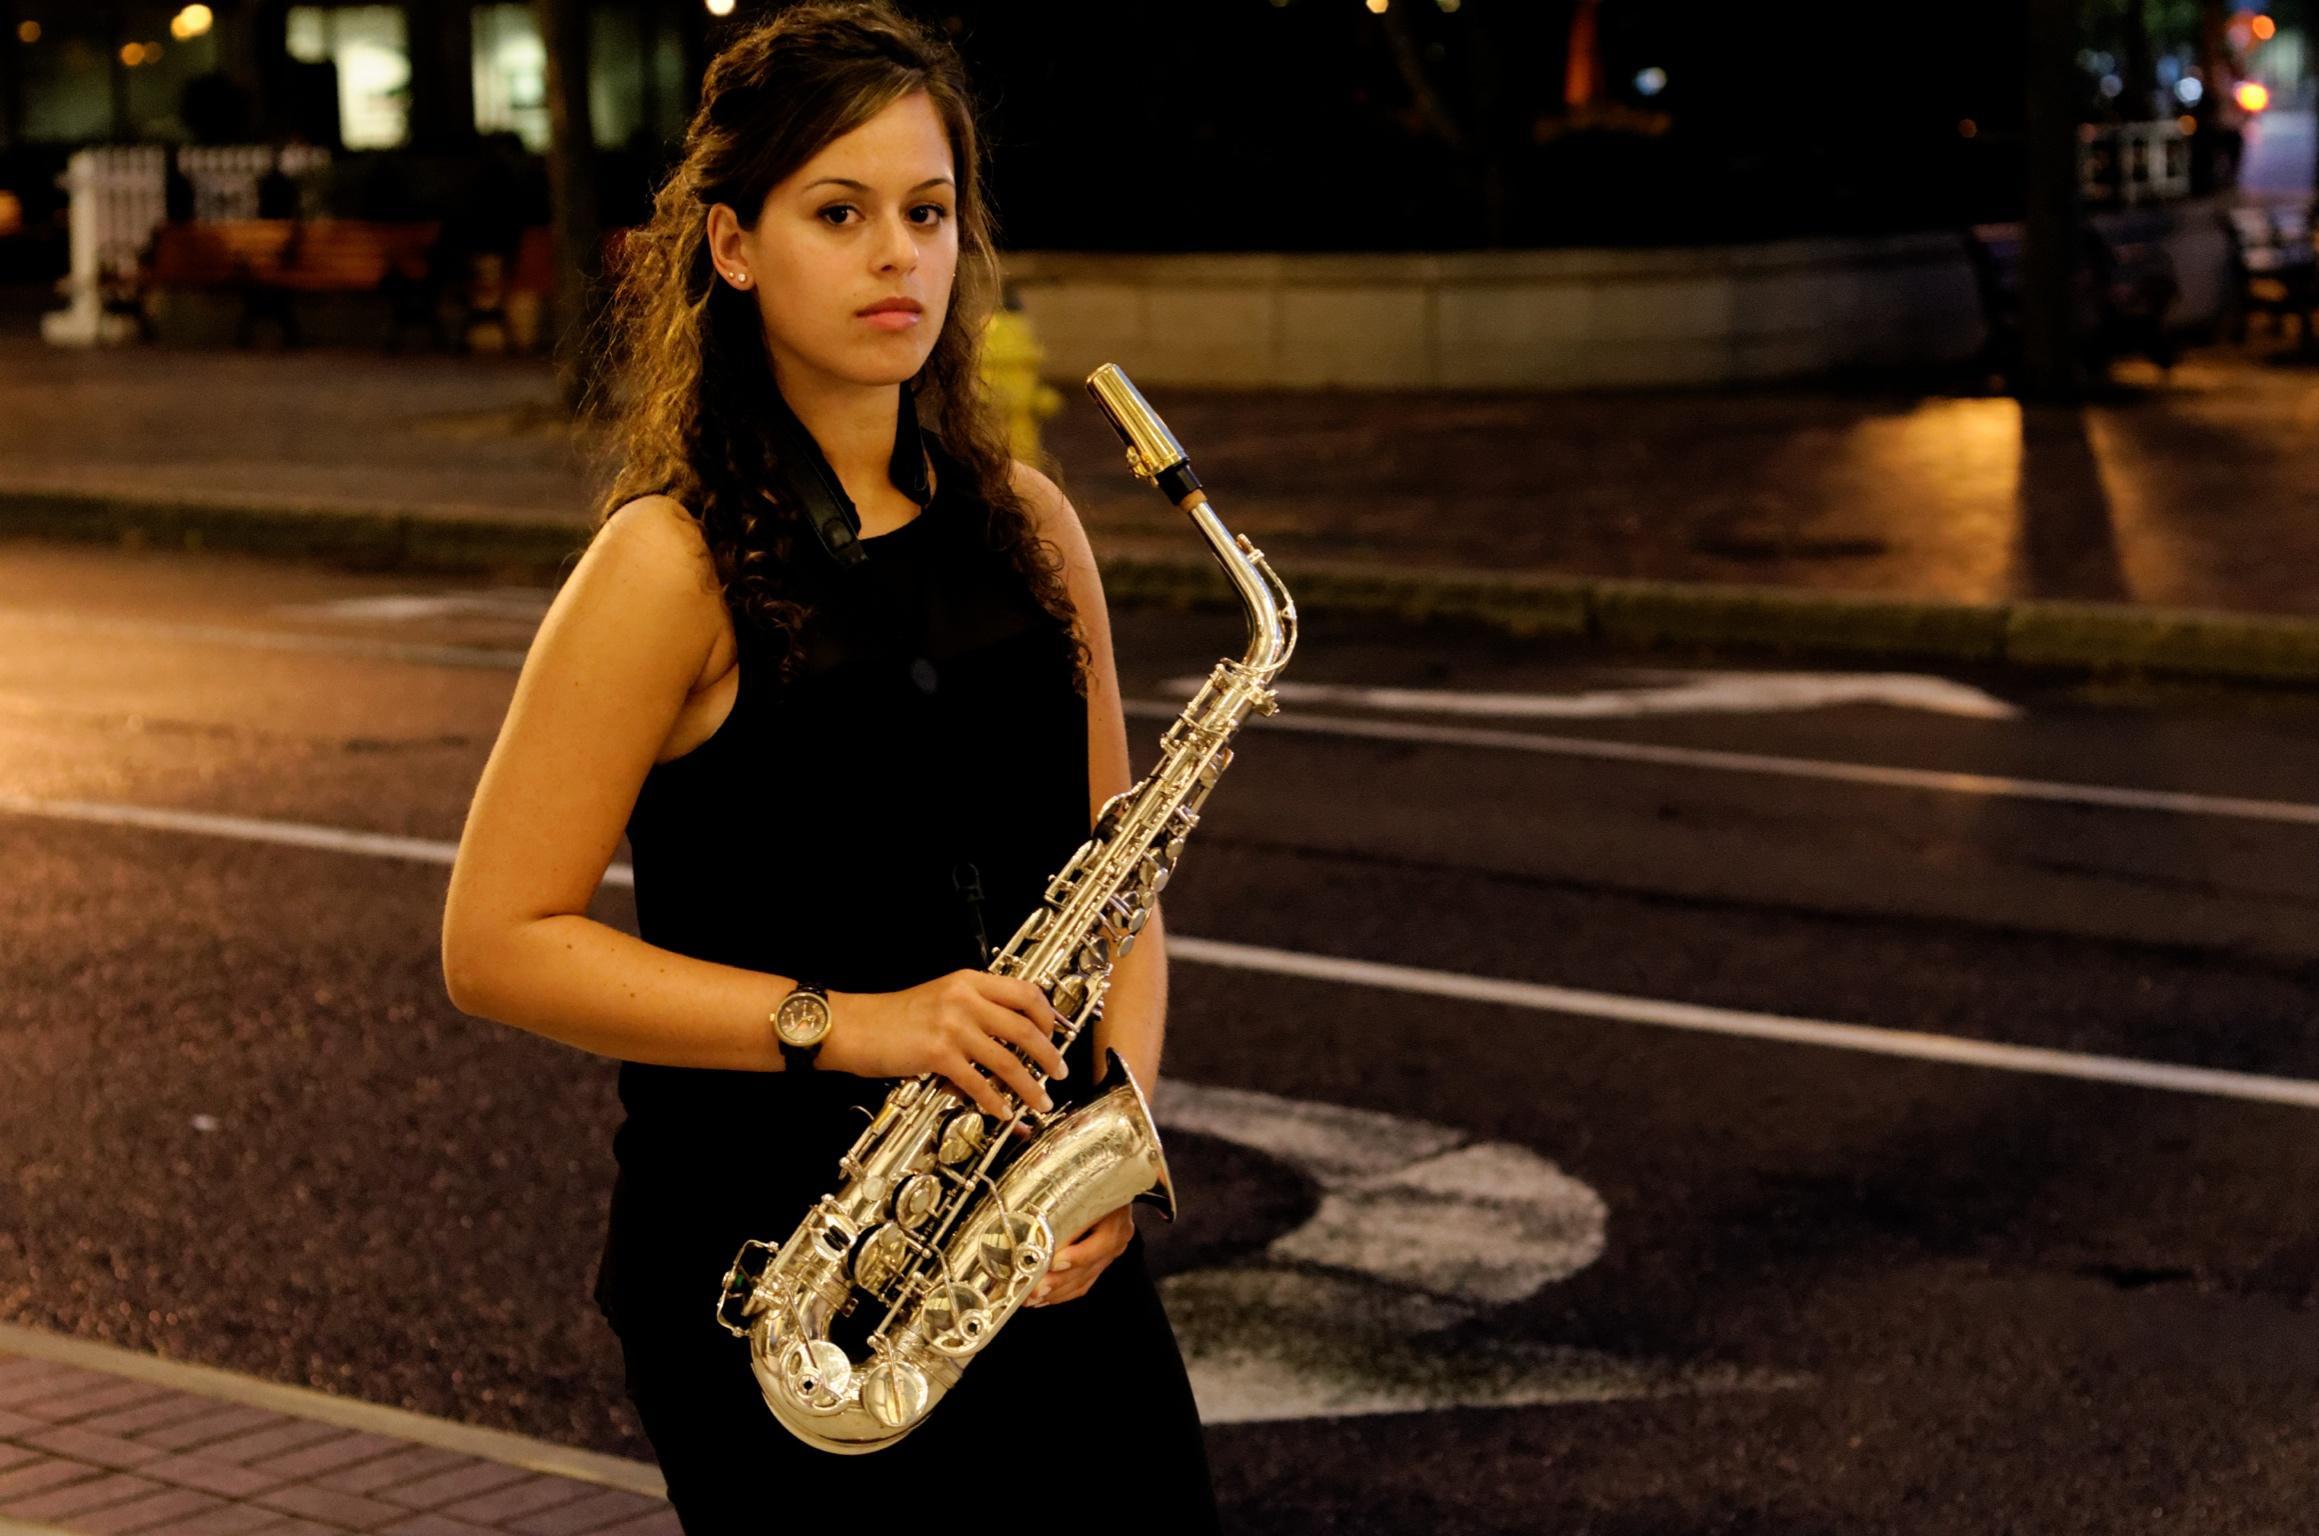 rising young saxophonist alexa tarantino headlines at baby grand